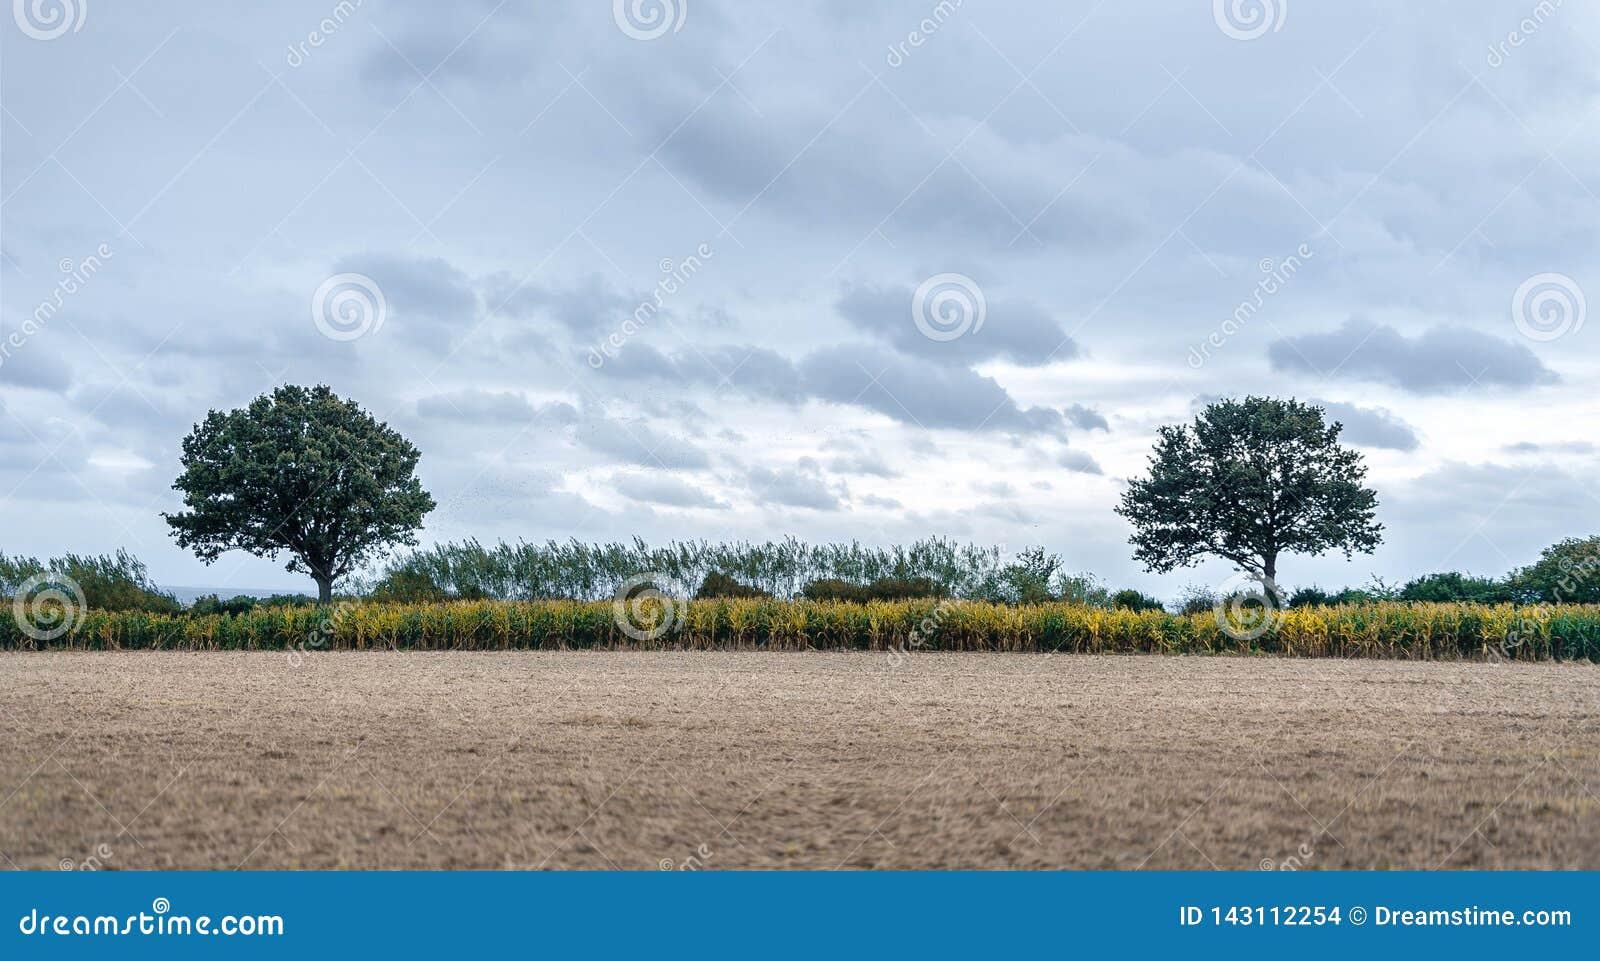 2 симметричных дерева со сжатым полем на переднем плане и голубыми облаками на предпосылке